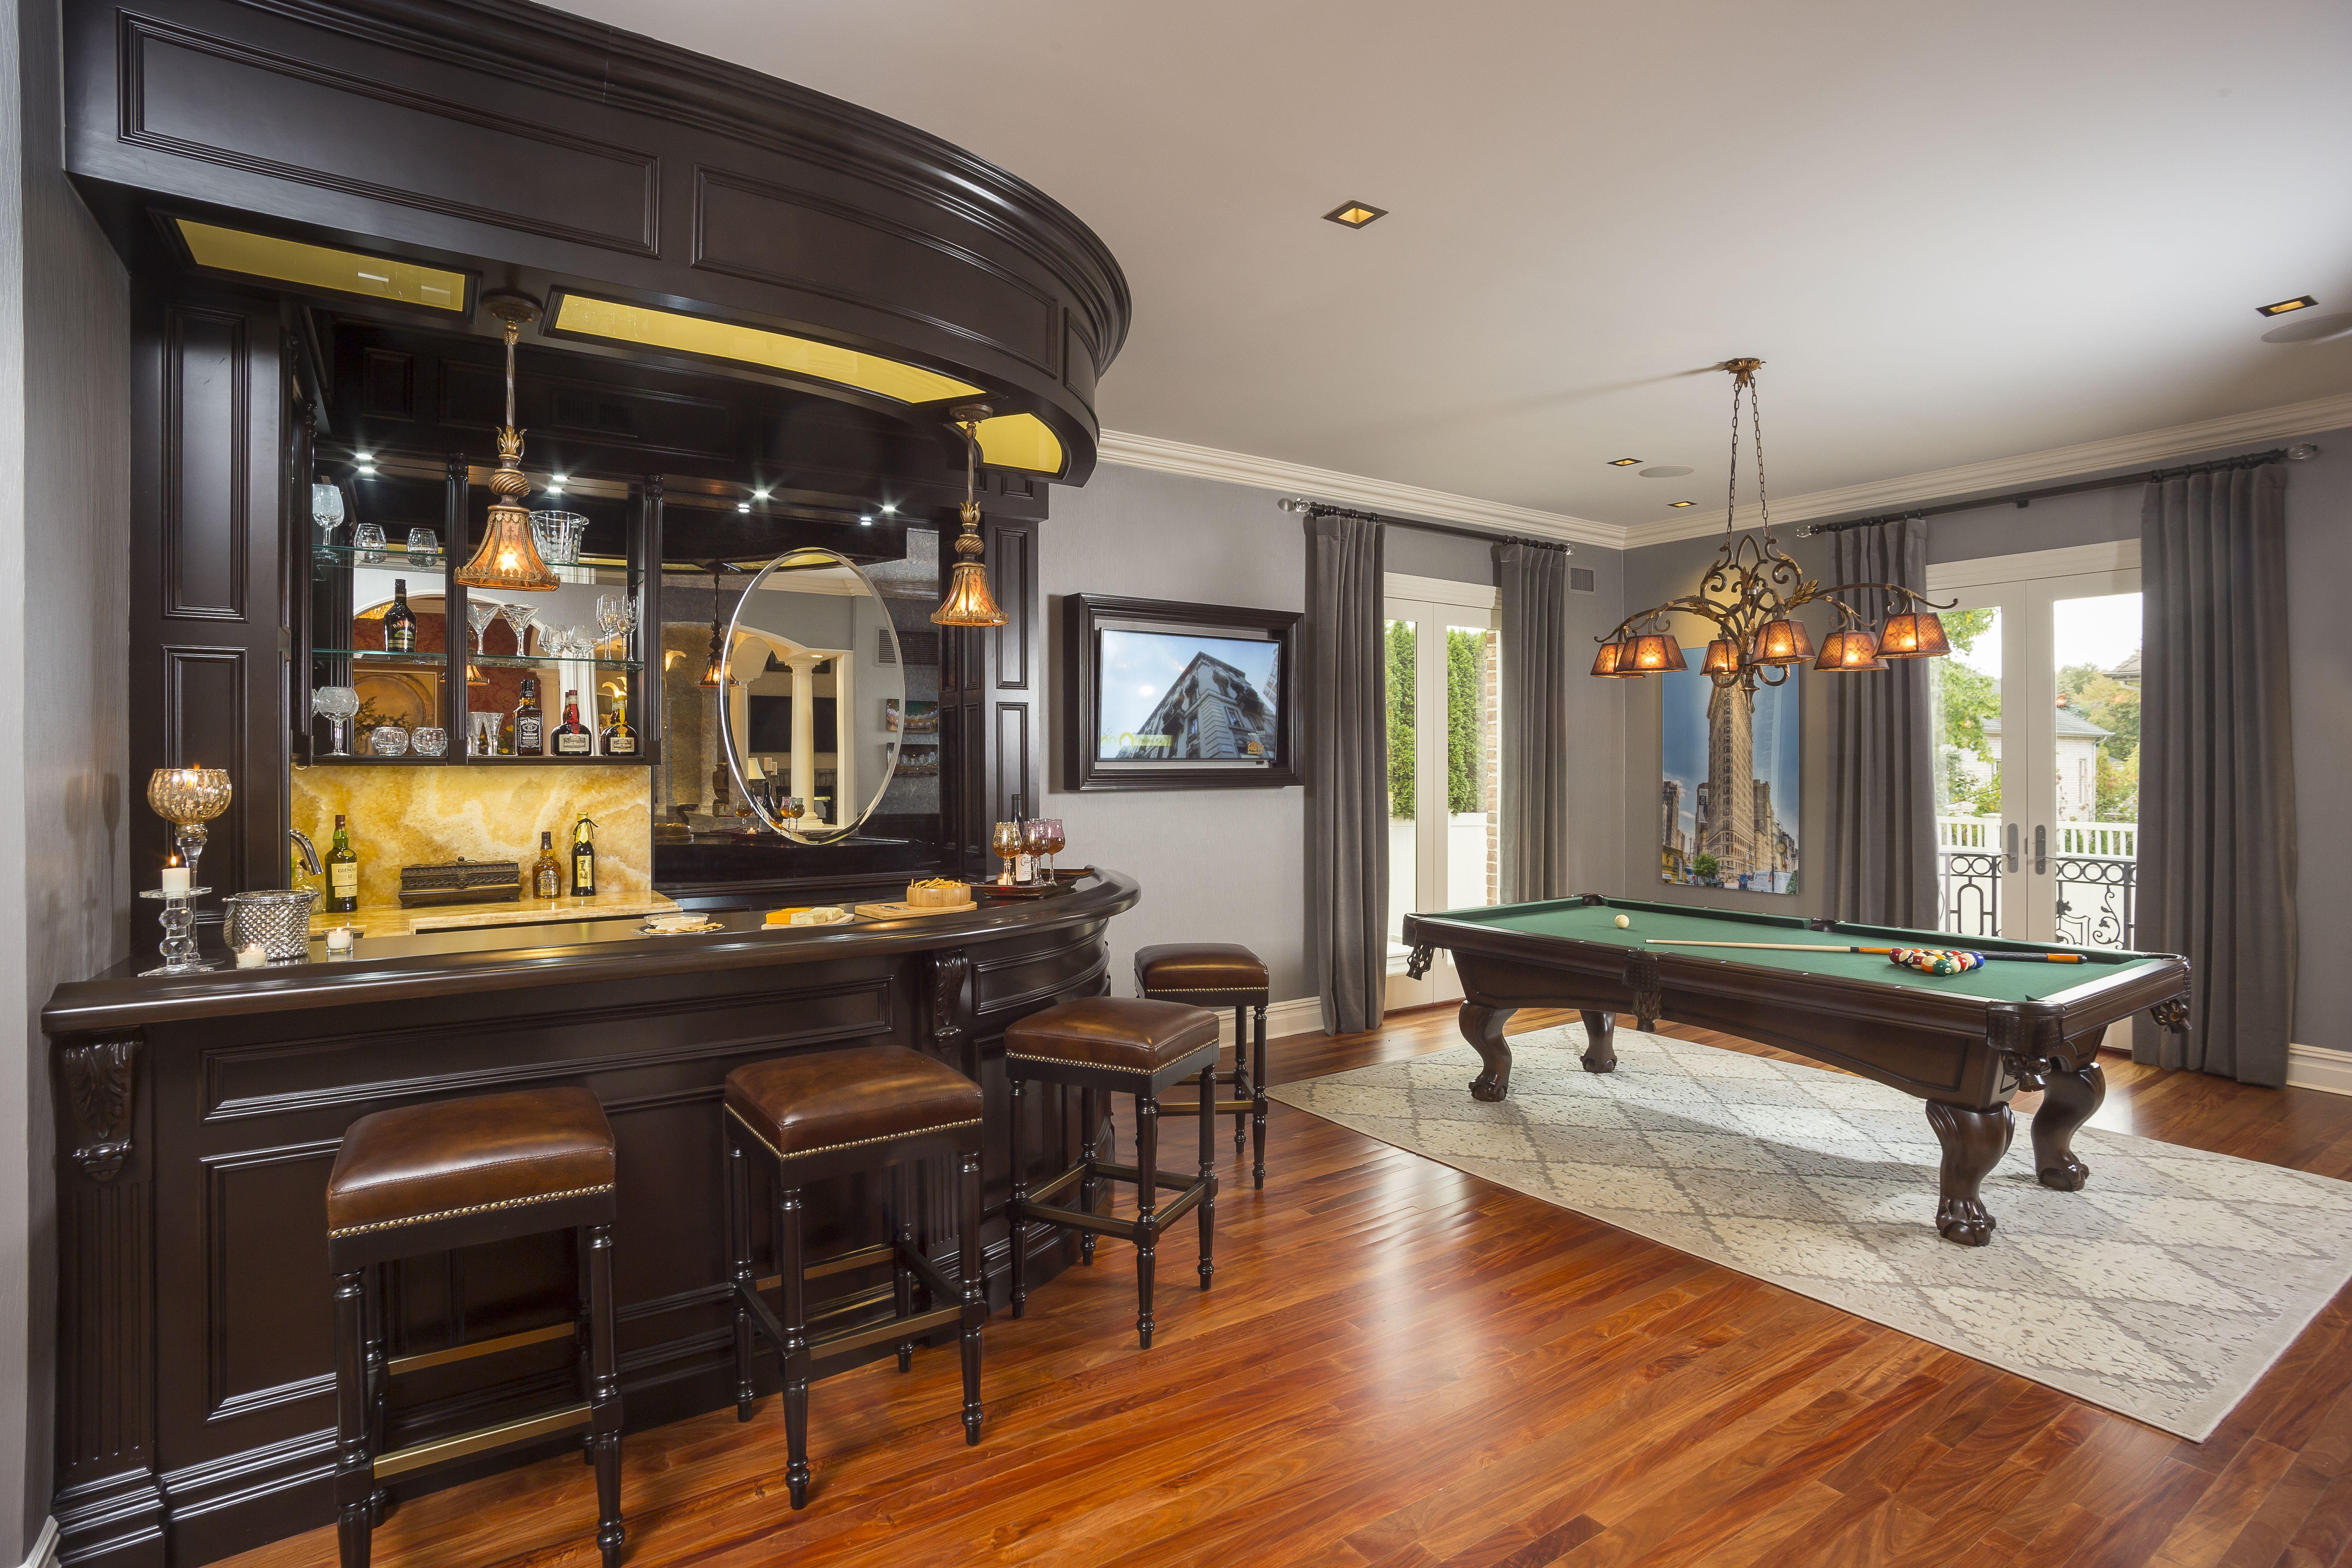 billiard room design - Google Search